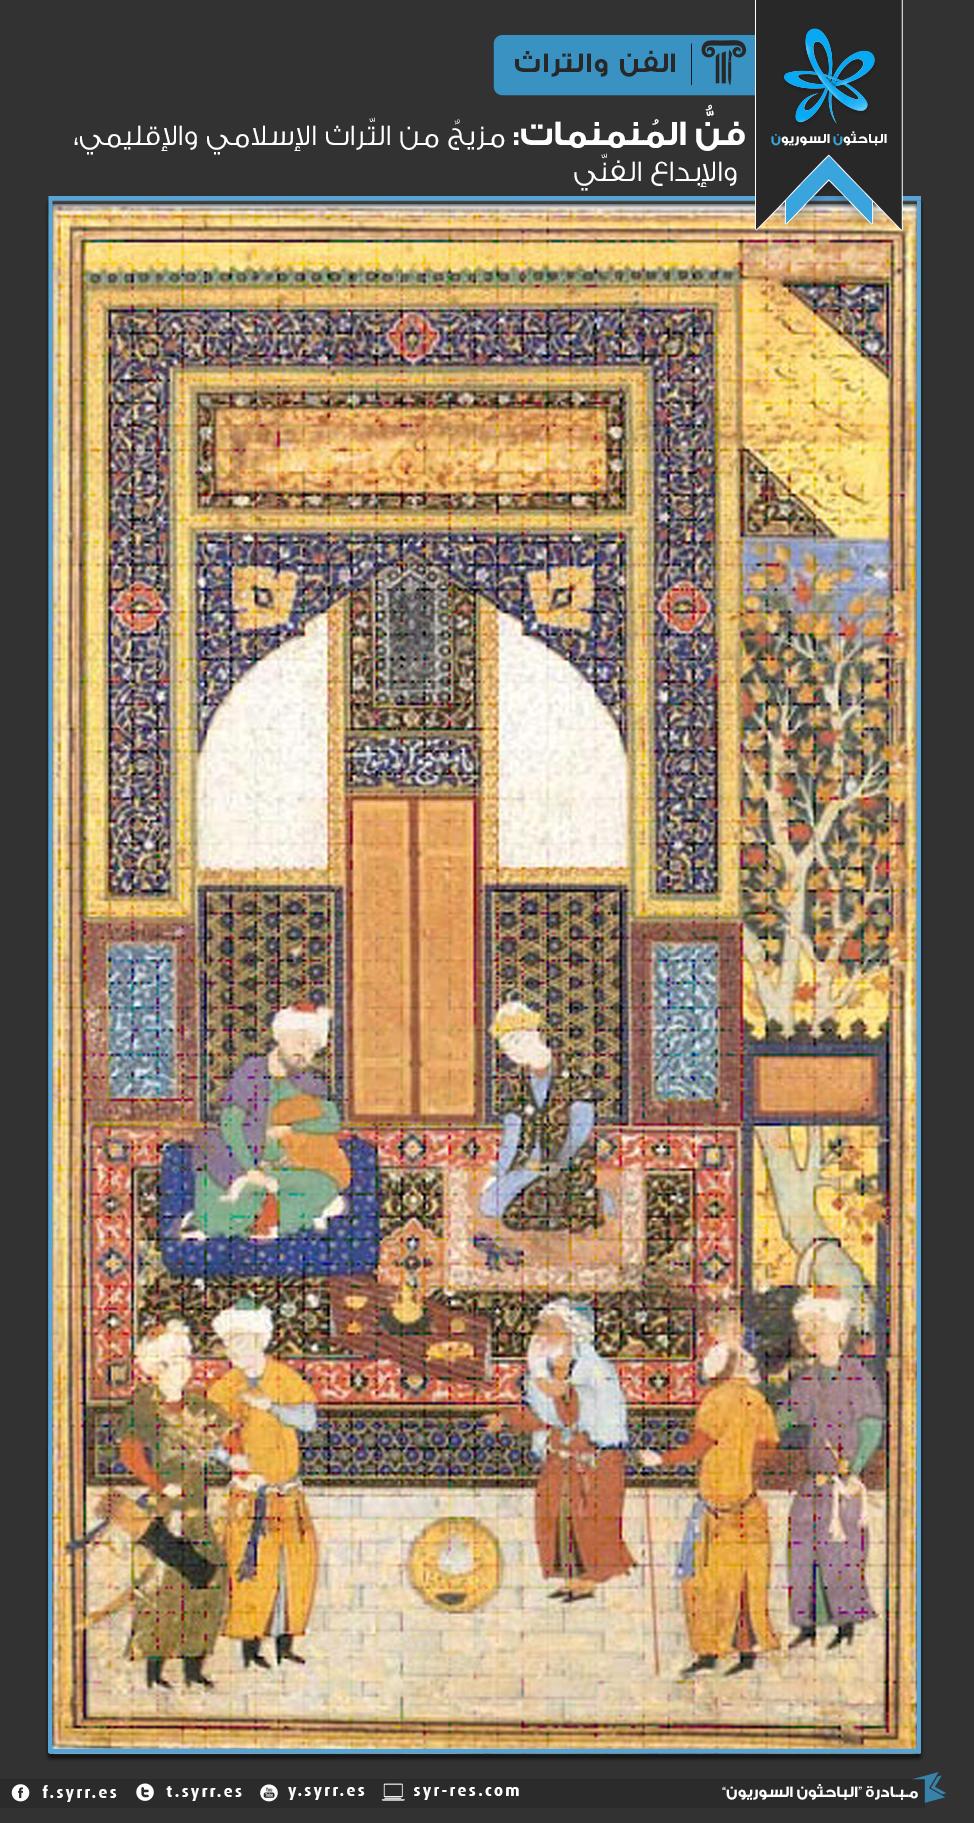 فن التحرير العربي pdf